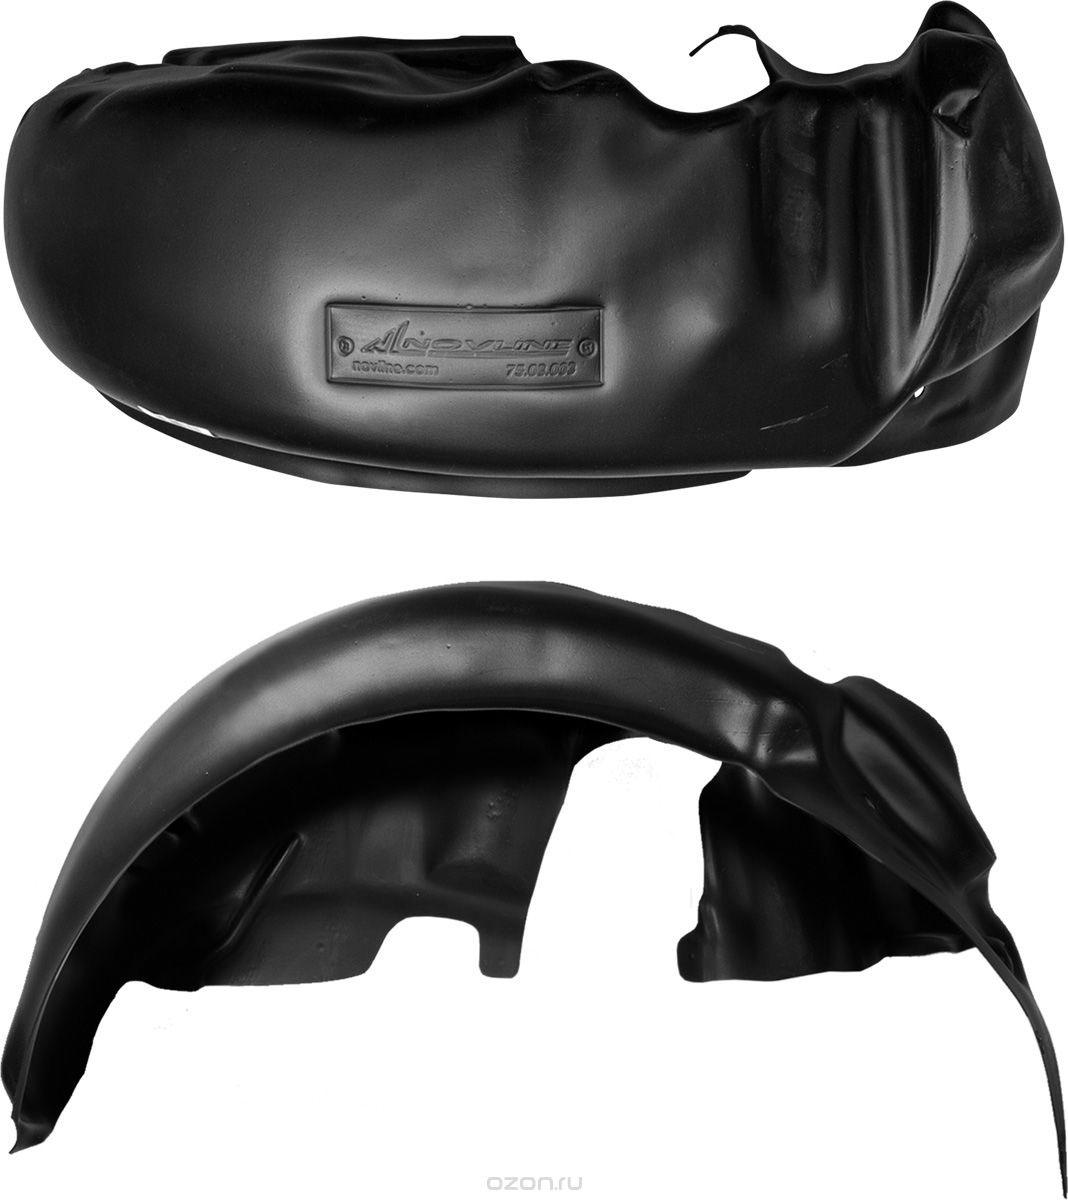 Подкрылок Novline-Autofamily, для ВАЗ 2105, 07, 1982-2010, б/б, задний правый000204Идеальная защита колесной ниши. Локеры разработаны с применением цифровых технологий, гарантируют максимальную повторяемость поверхности арки. Изделия устанавливаются без нарушения лакокрасочного покрытия автомобиля, каждый подкрылок комплектуется крепежом. Уважаемые клиенты, обращаем ваше внимание, что фотографии на подкрылки универсальные и не отражают реальную форму изделия. При этом само изделие идет точно под размер указанного автомобиля.